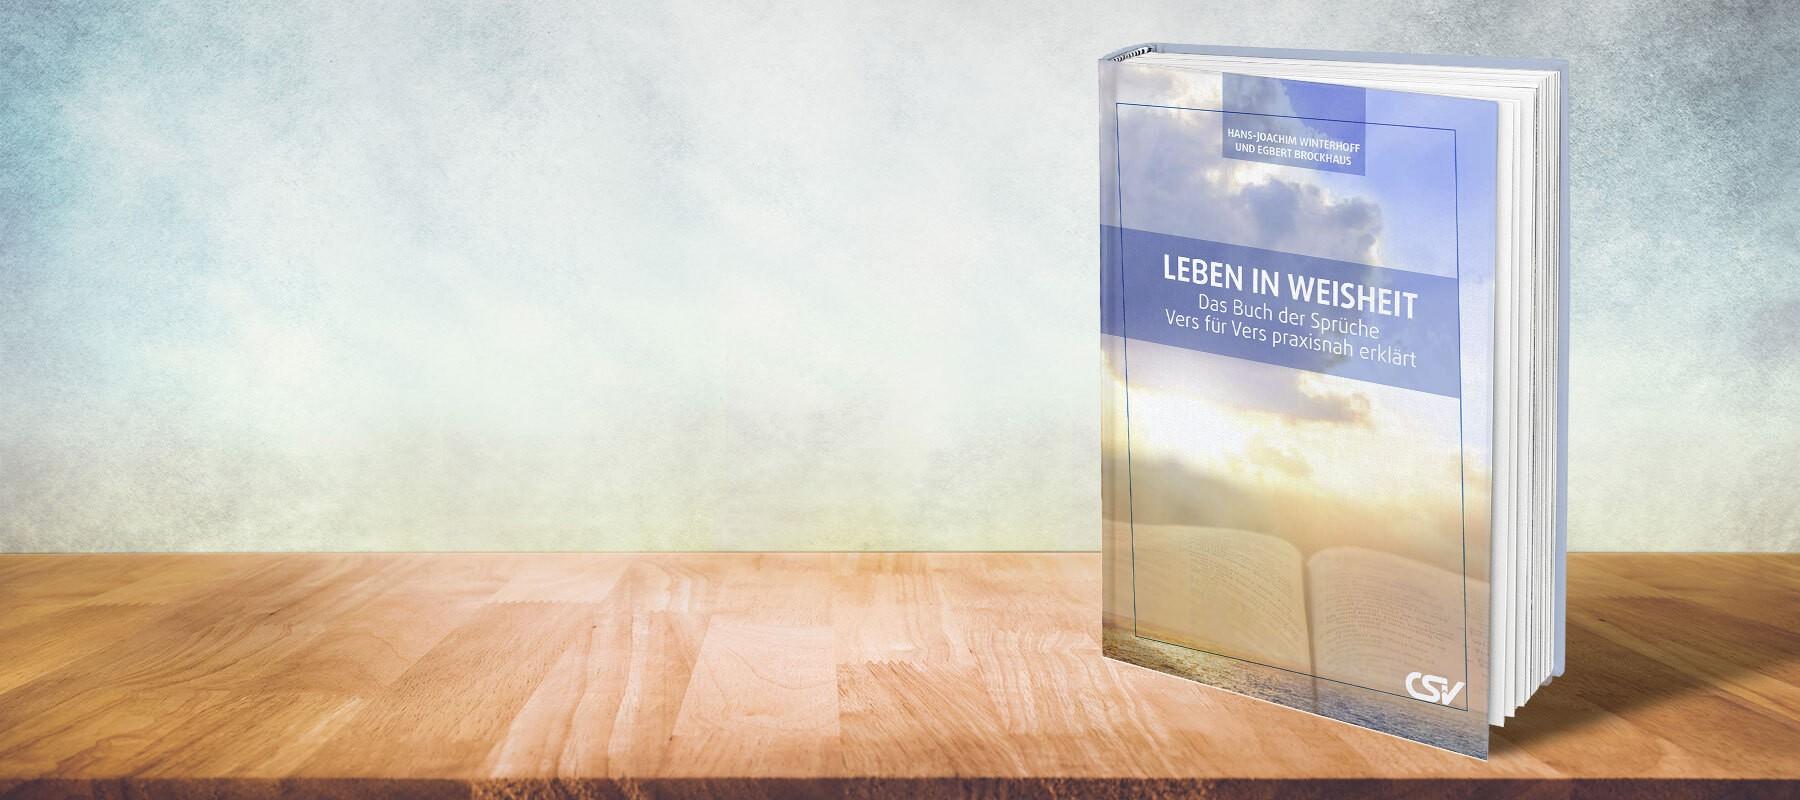 Leben in Weisheit – der Buch der Sprüche